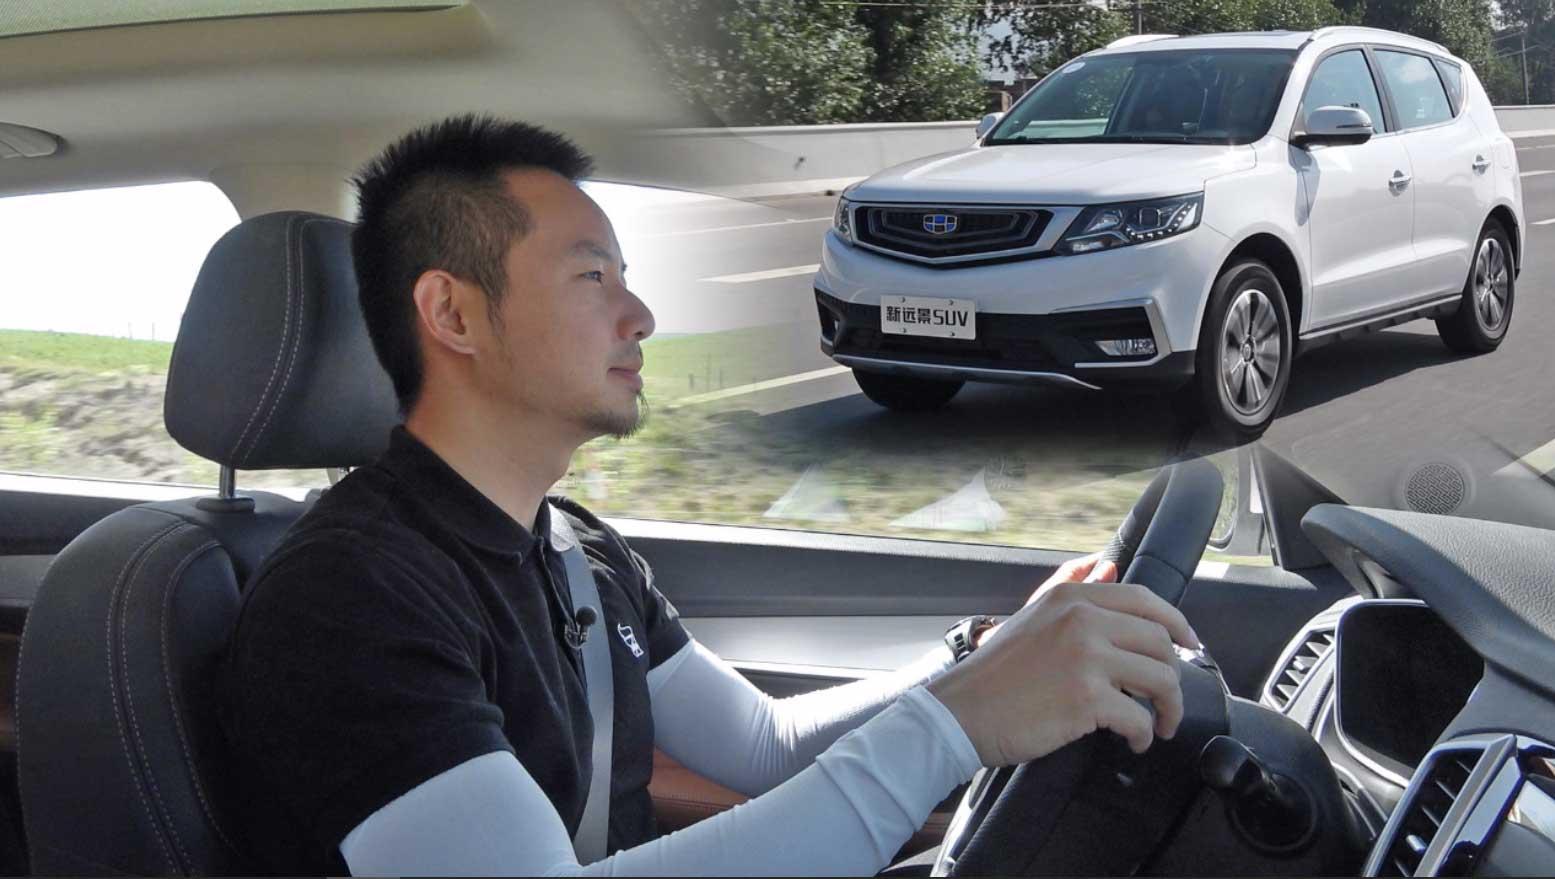 【老司机试车】胡正阳试驾2018款吉利远景SUV,内外皆提升